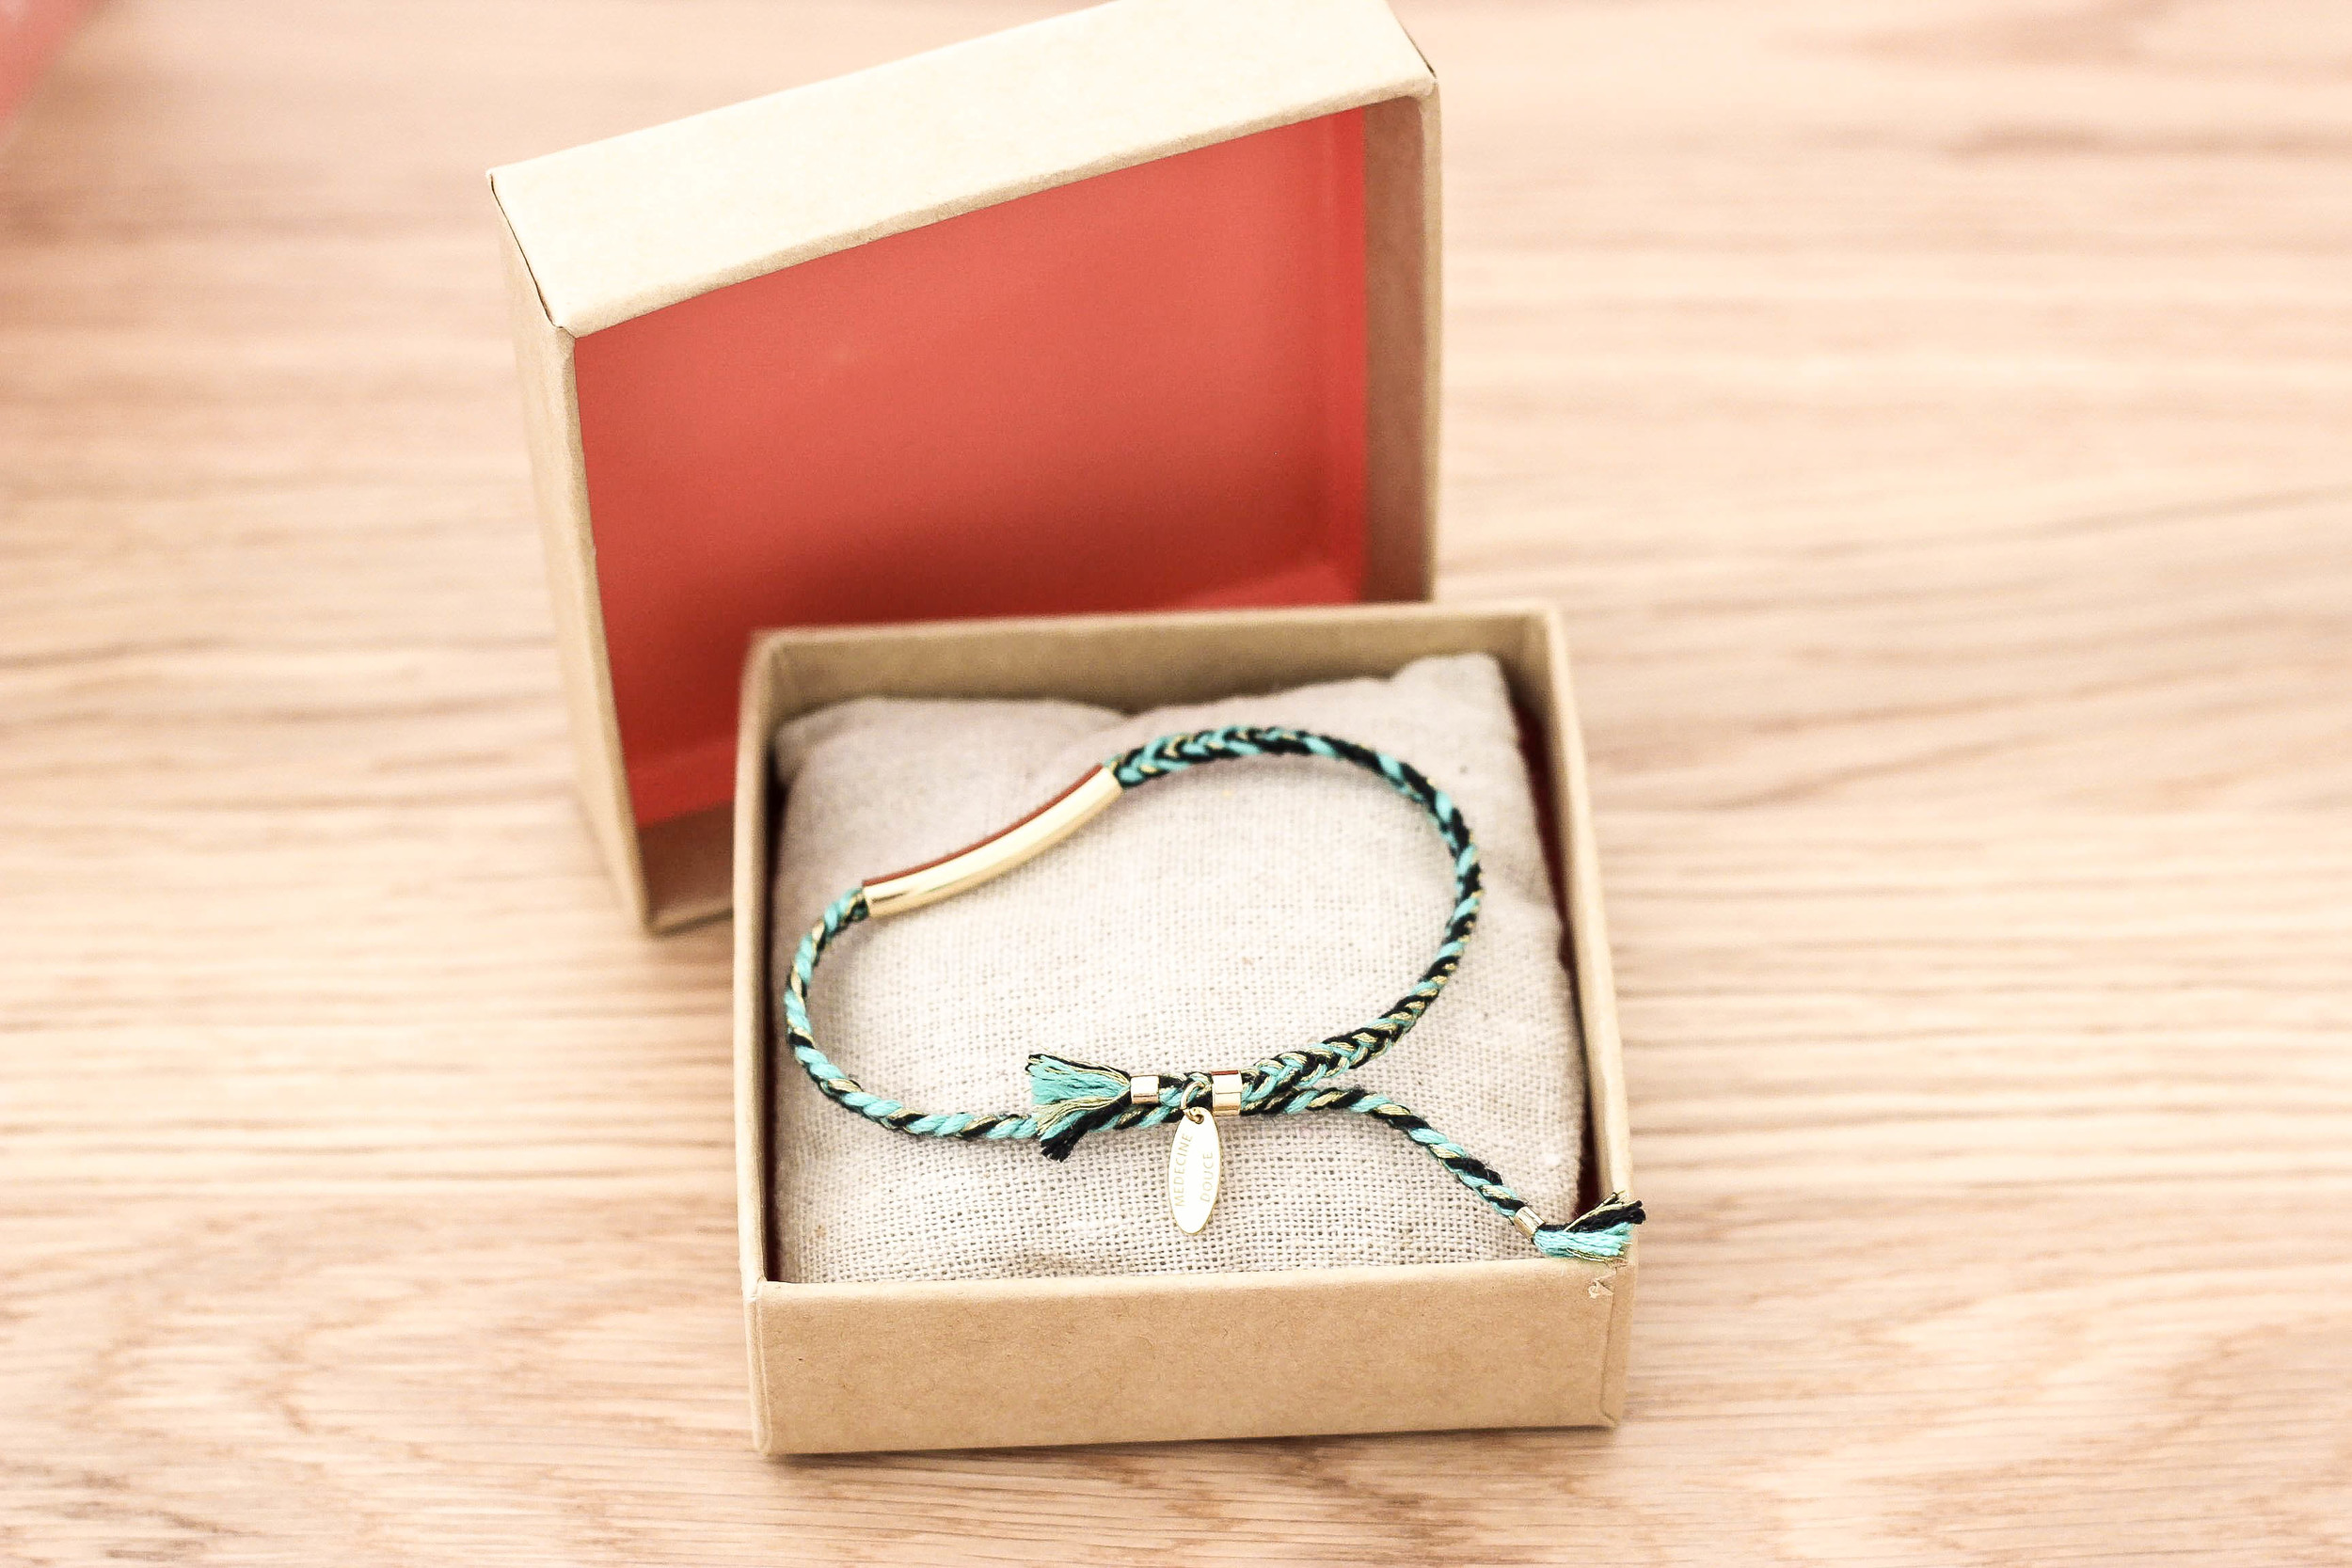 Bracelet from Medecine Douce.